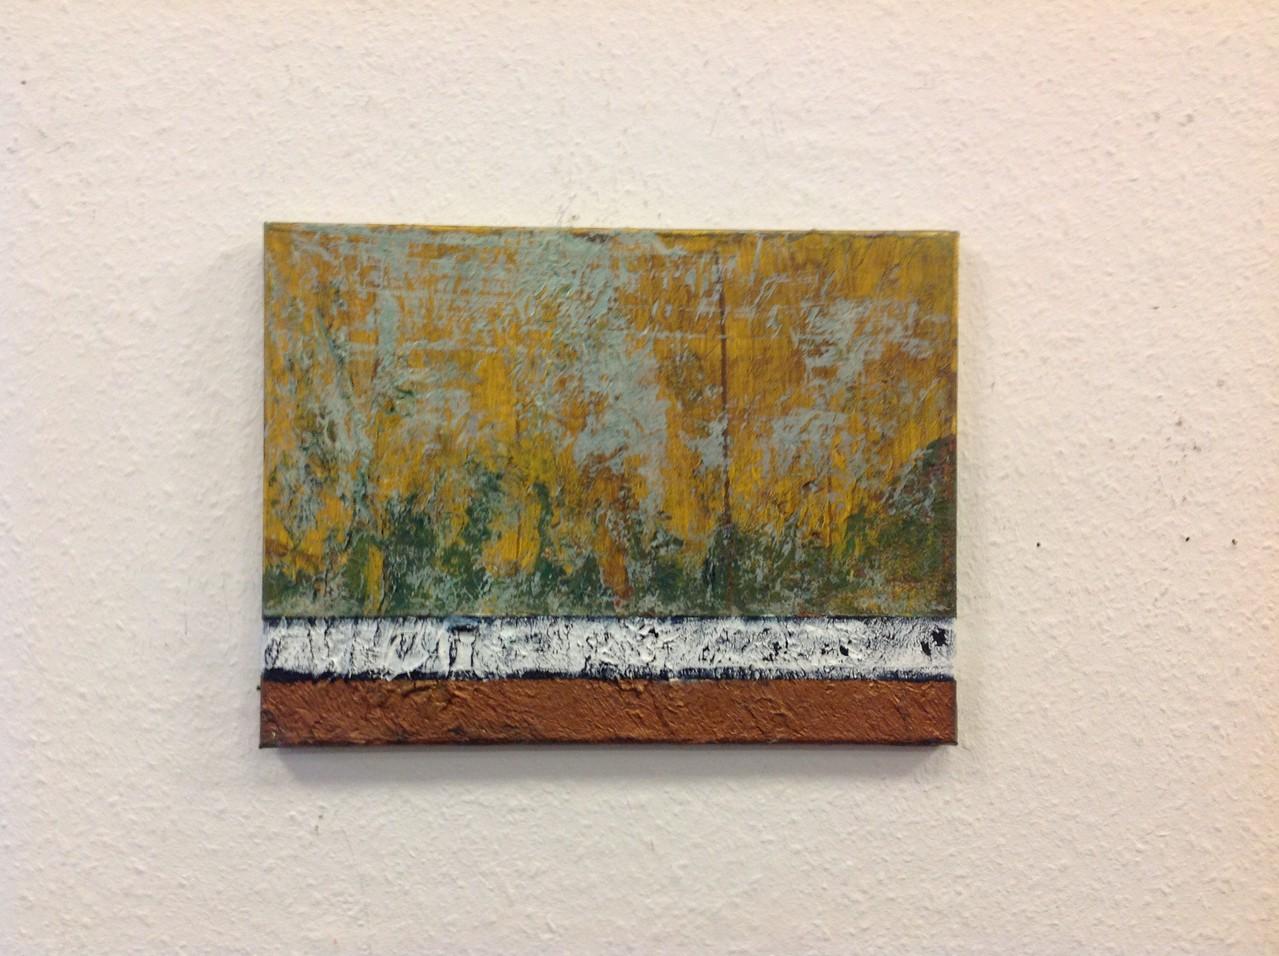 Dietmar Krause, Acryl und Flüssigmetall, teils oxidiert auf Leinwand, 30 x 40cm